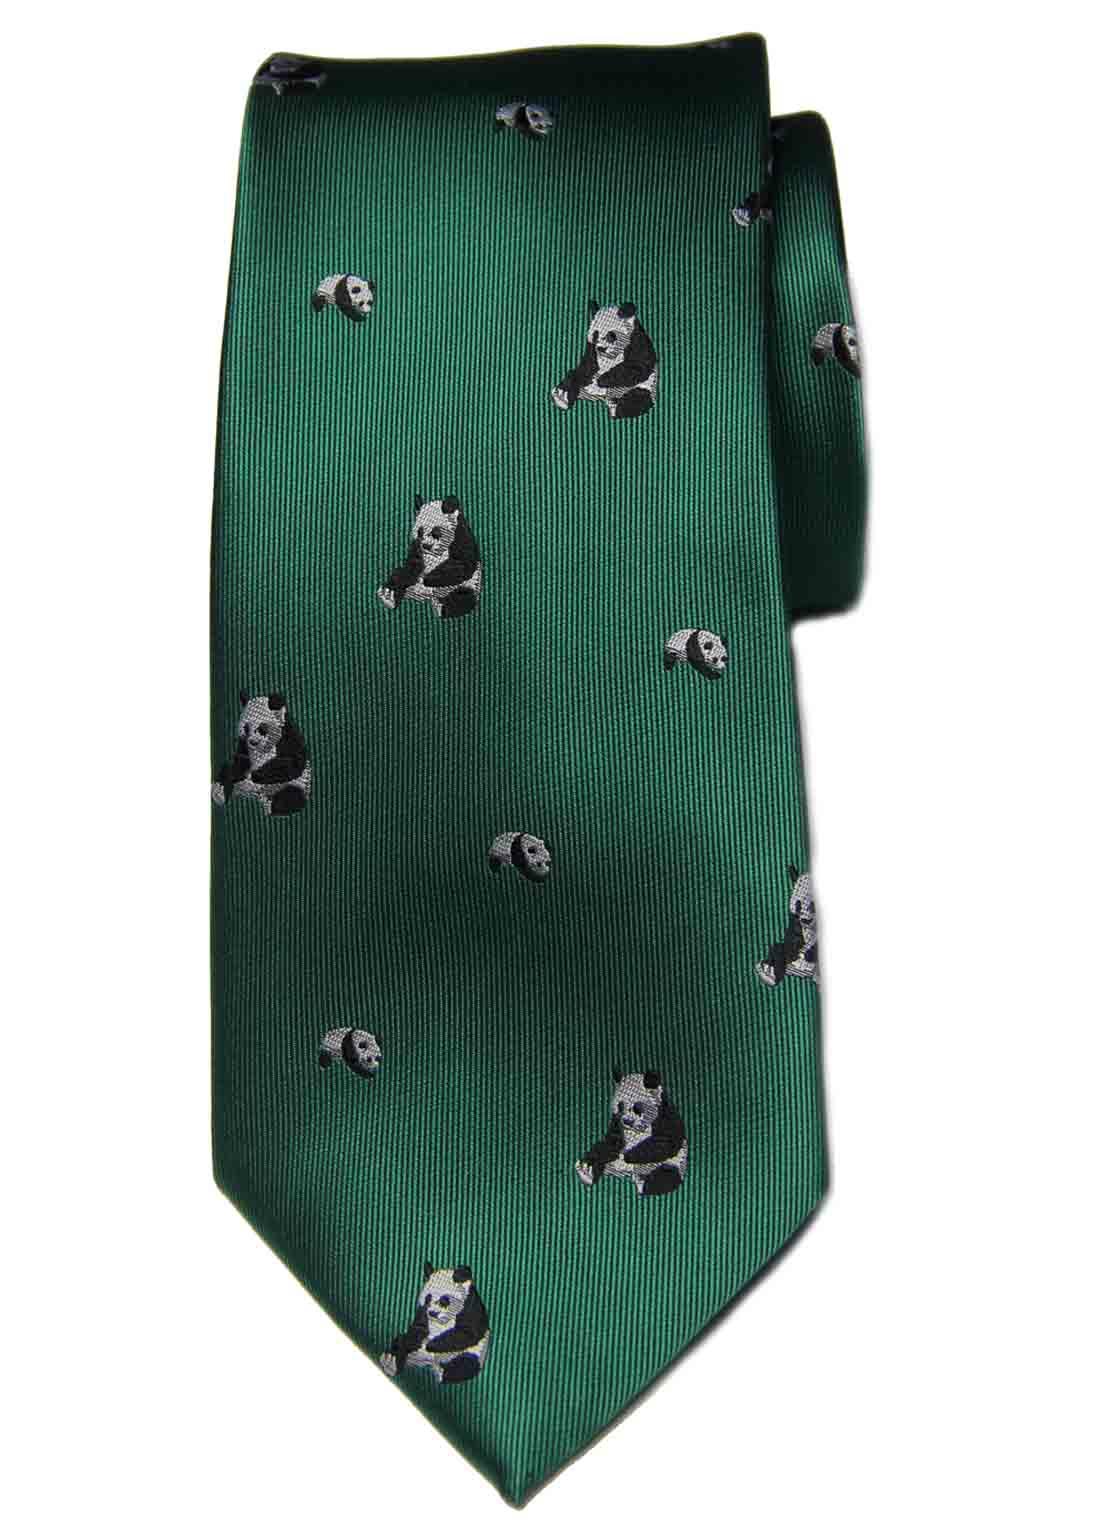 Hi-Tie for Gascoigne Silk Tie Green Panda Bears Pattern Men's